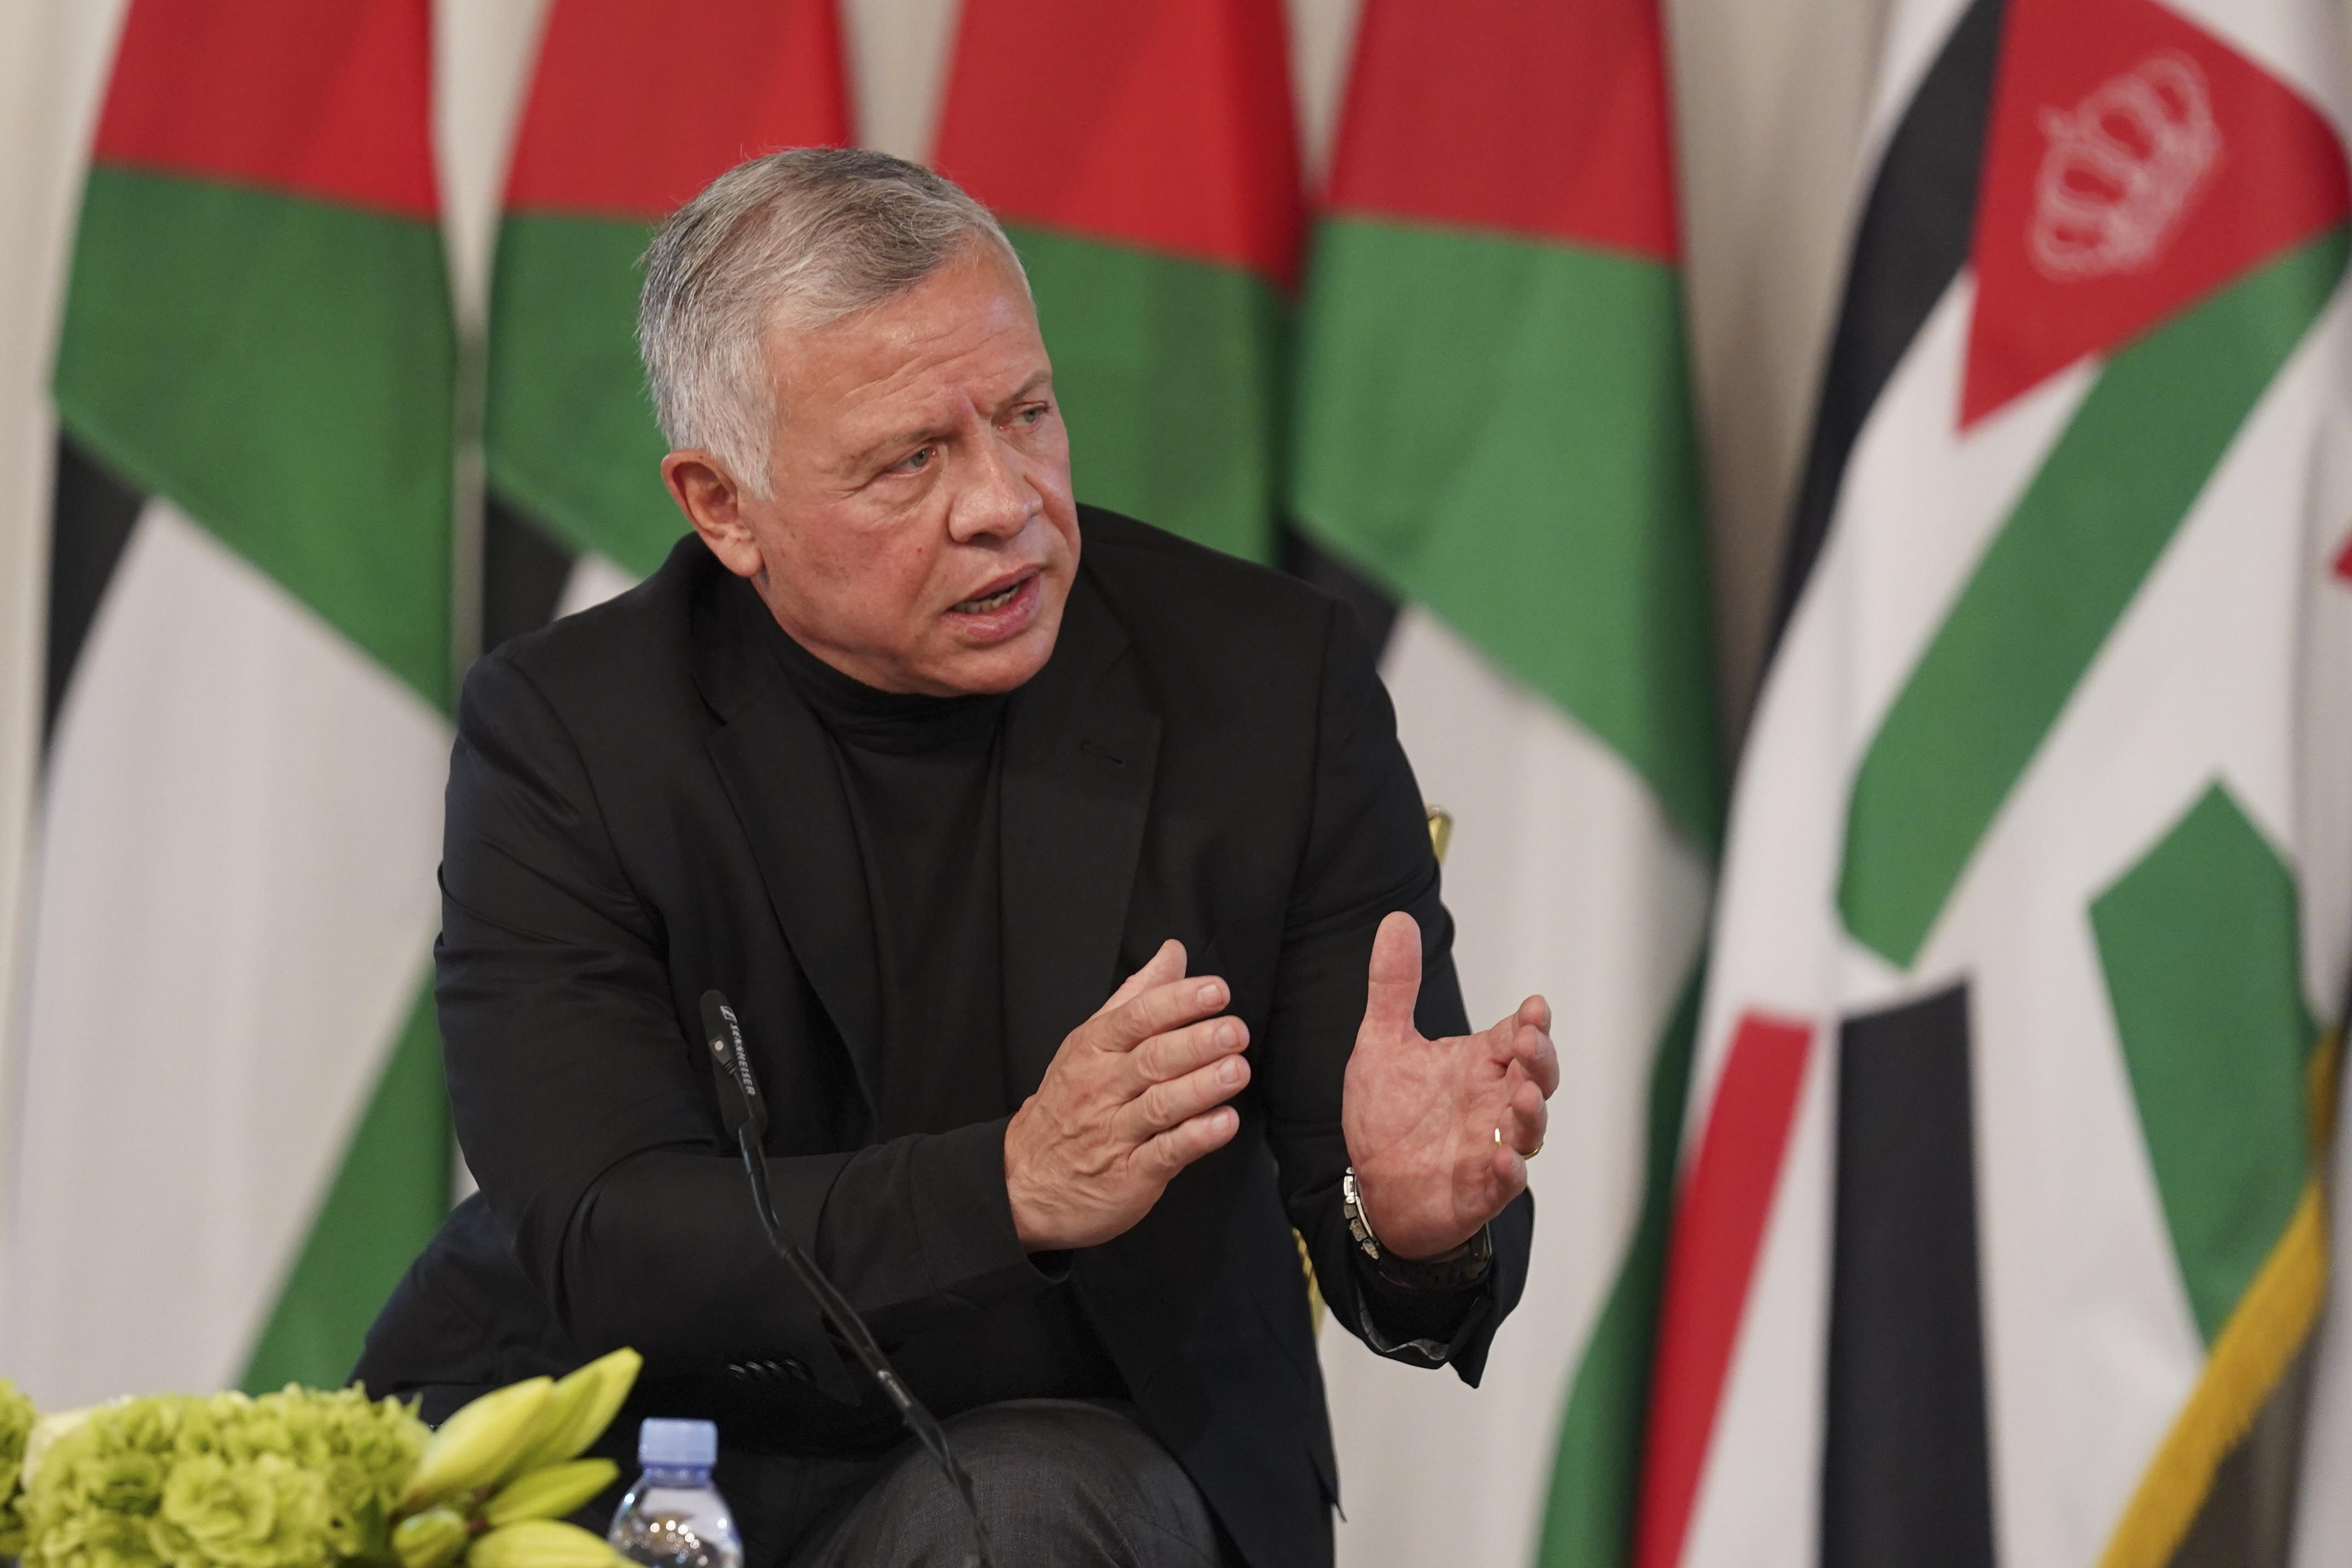 Jordan's King Abdullah II in Al-Qasta, Jordan, on Monday